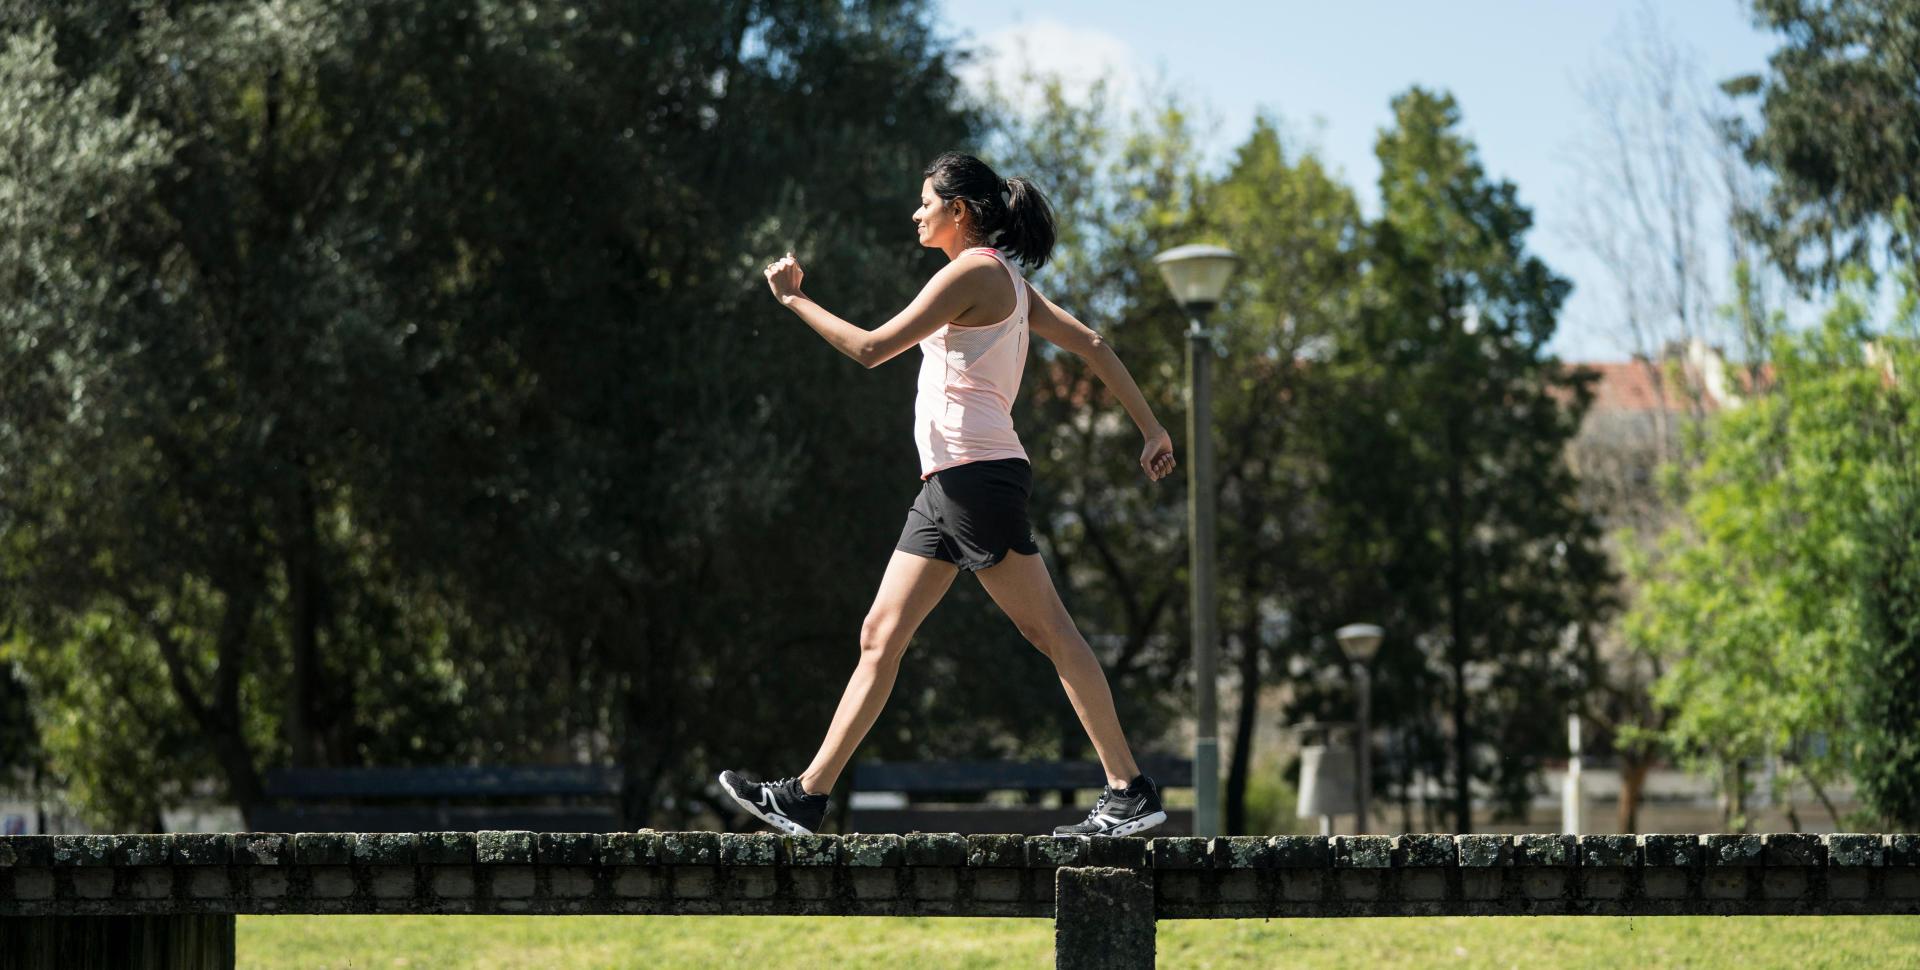 La marche rapide fait elle perdre du poids